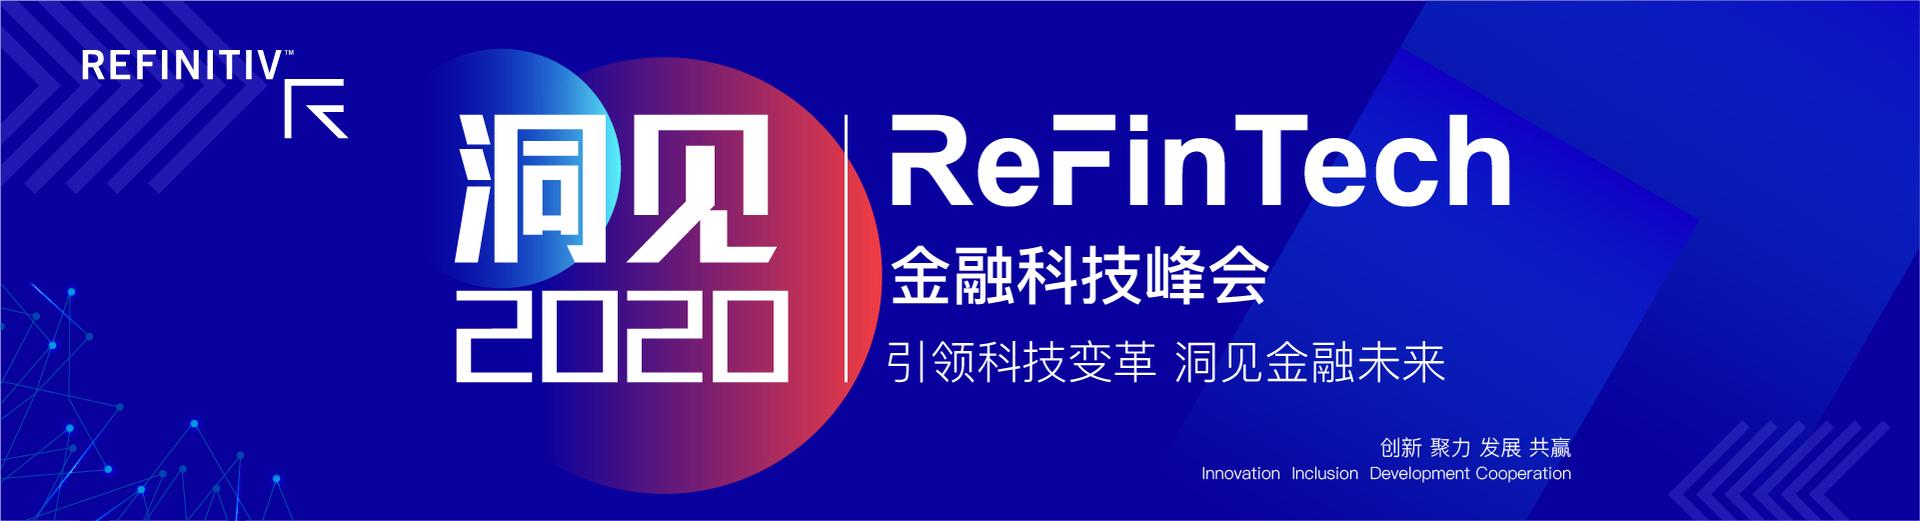 洞见2020 |ReFinTech金融科技峰会